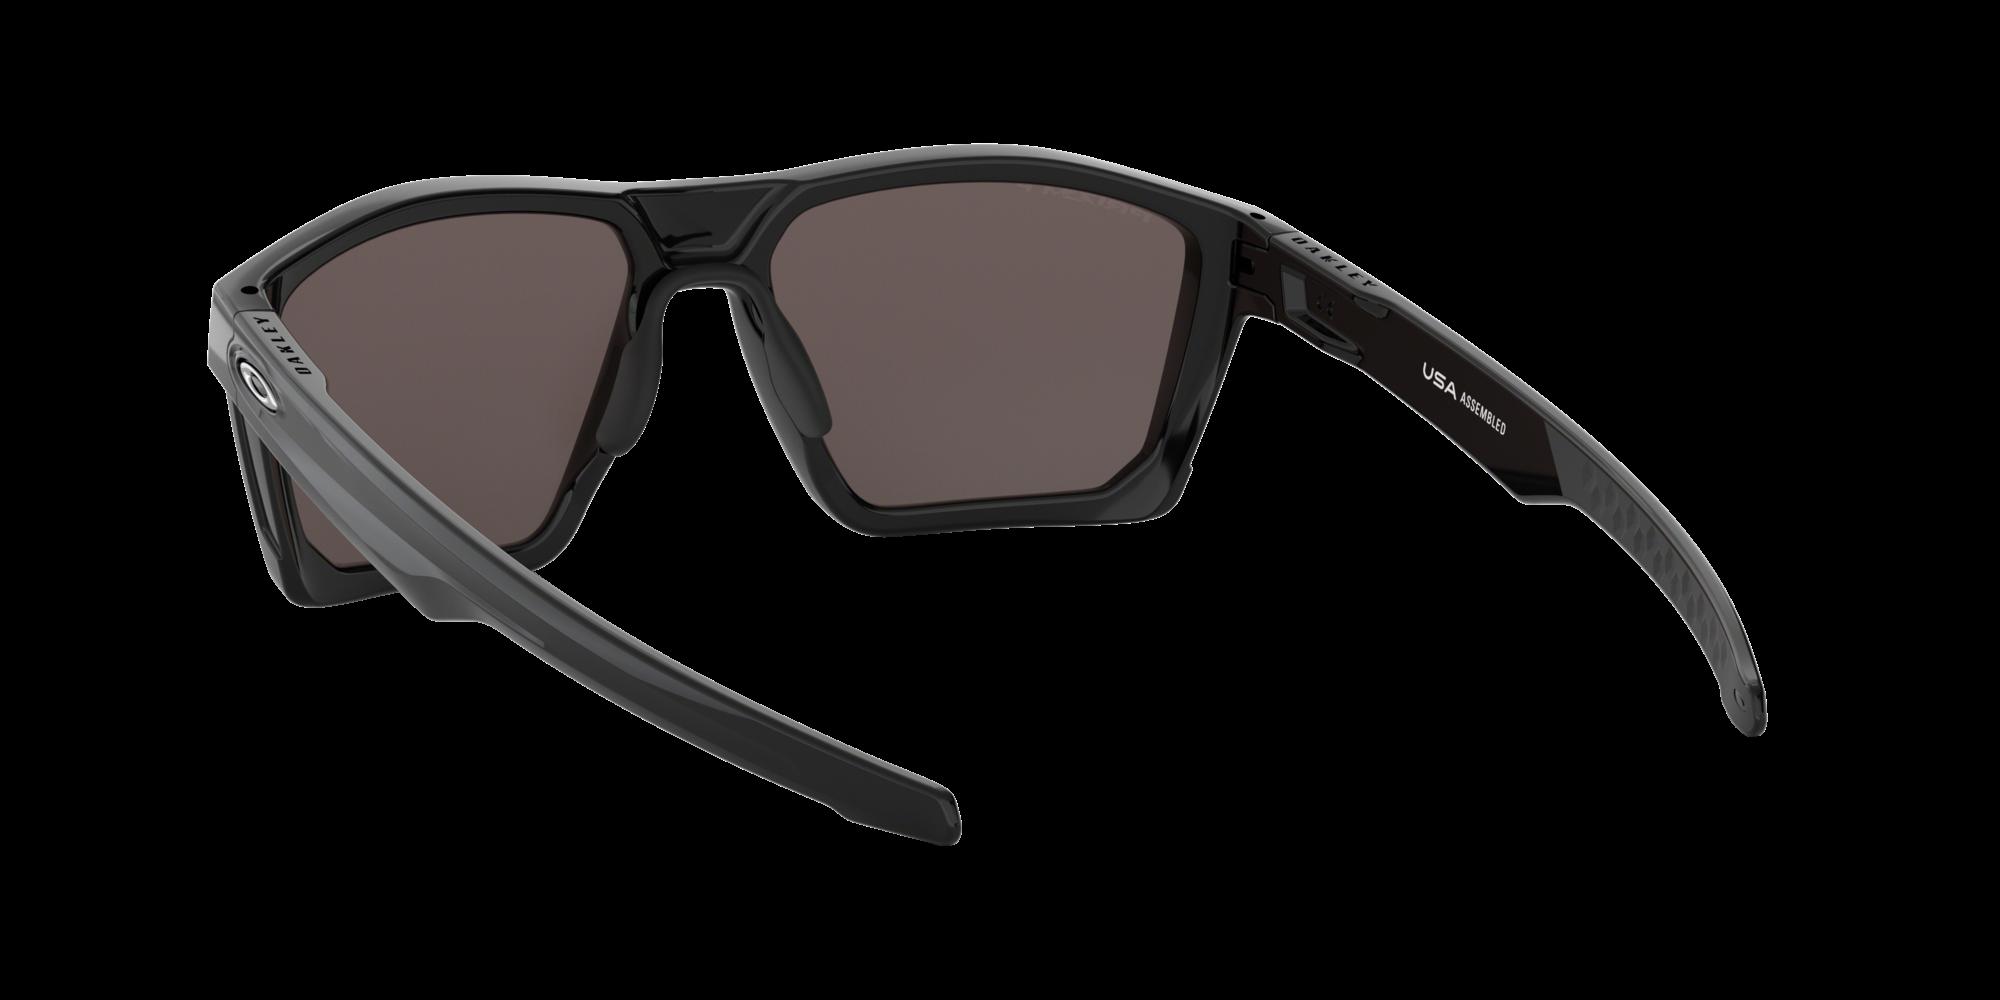 aaf4d029fe Sunglasses Oakley Targetline Black Prizm OO9397 08 58-16 Medium Polarized  Mirror